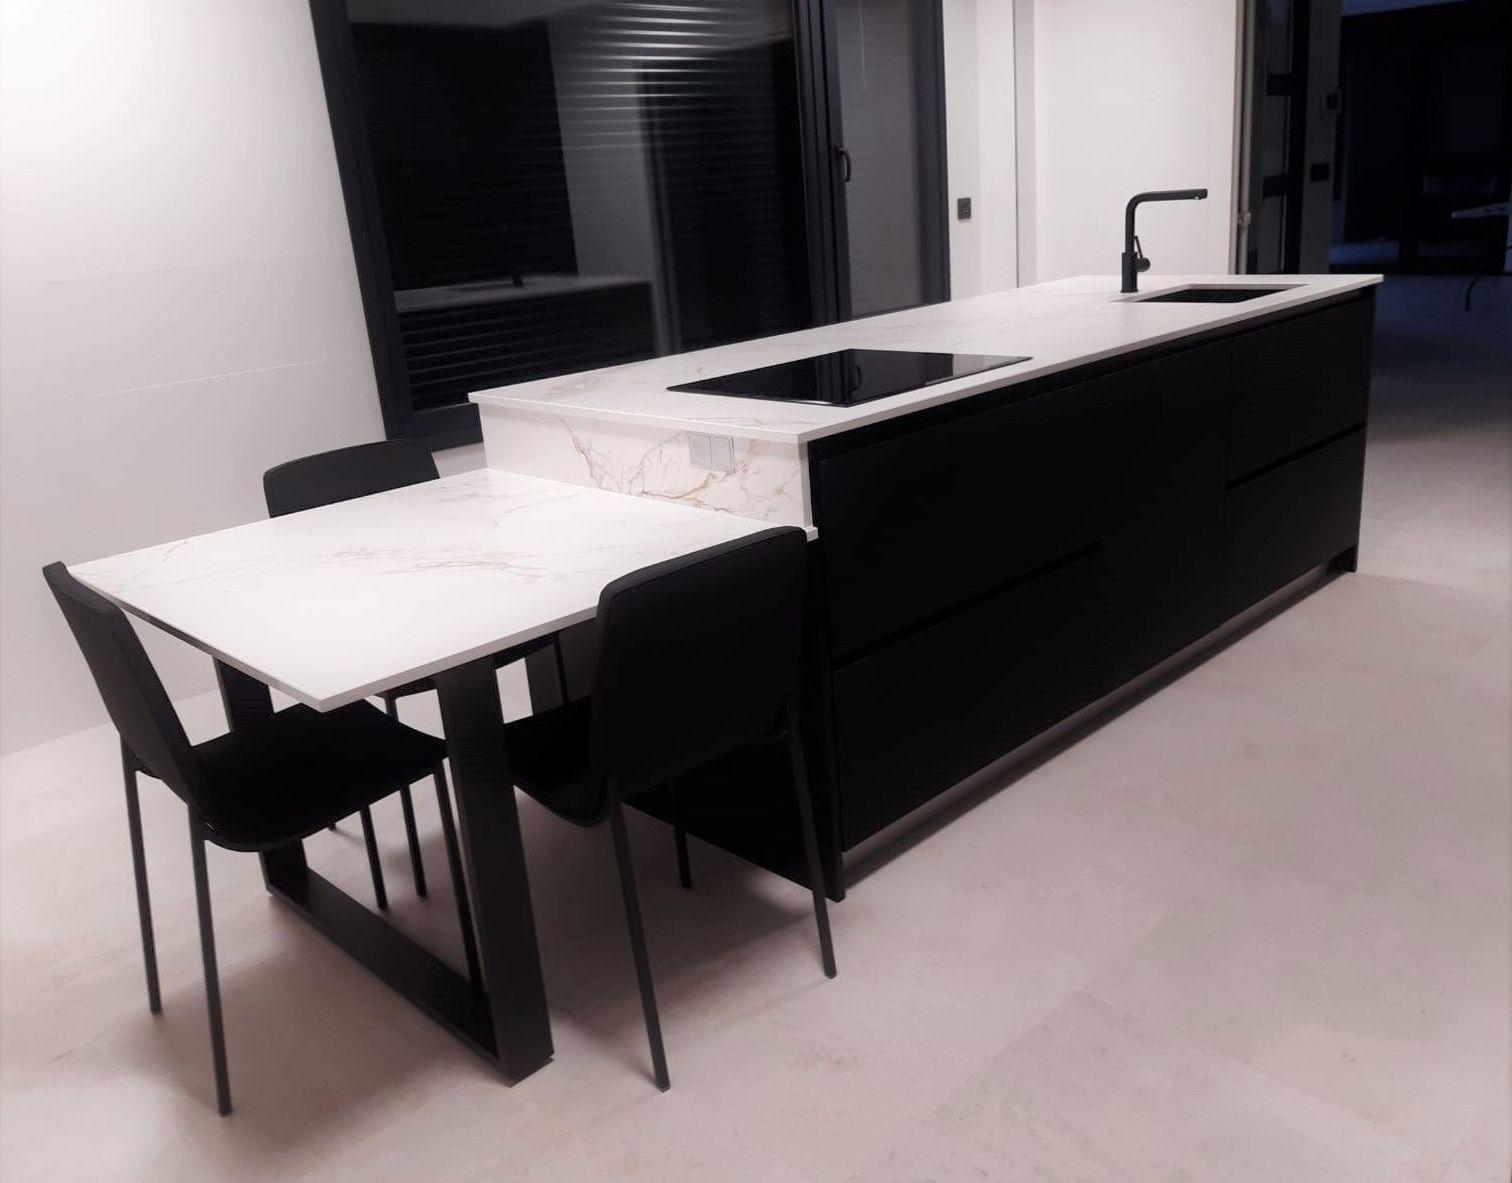 Foto 2 de Muebles de baño y cocina en Bilbao | Urko Cocina